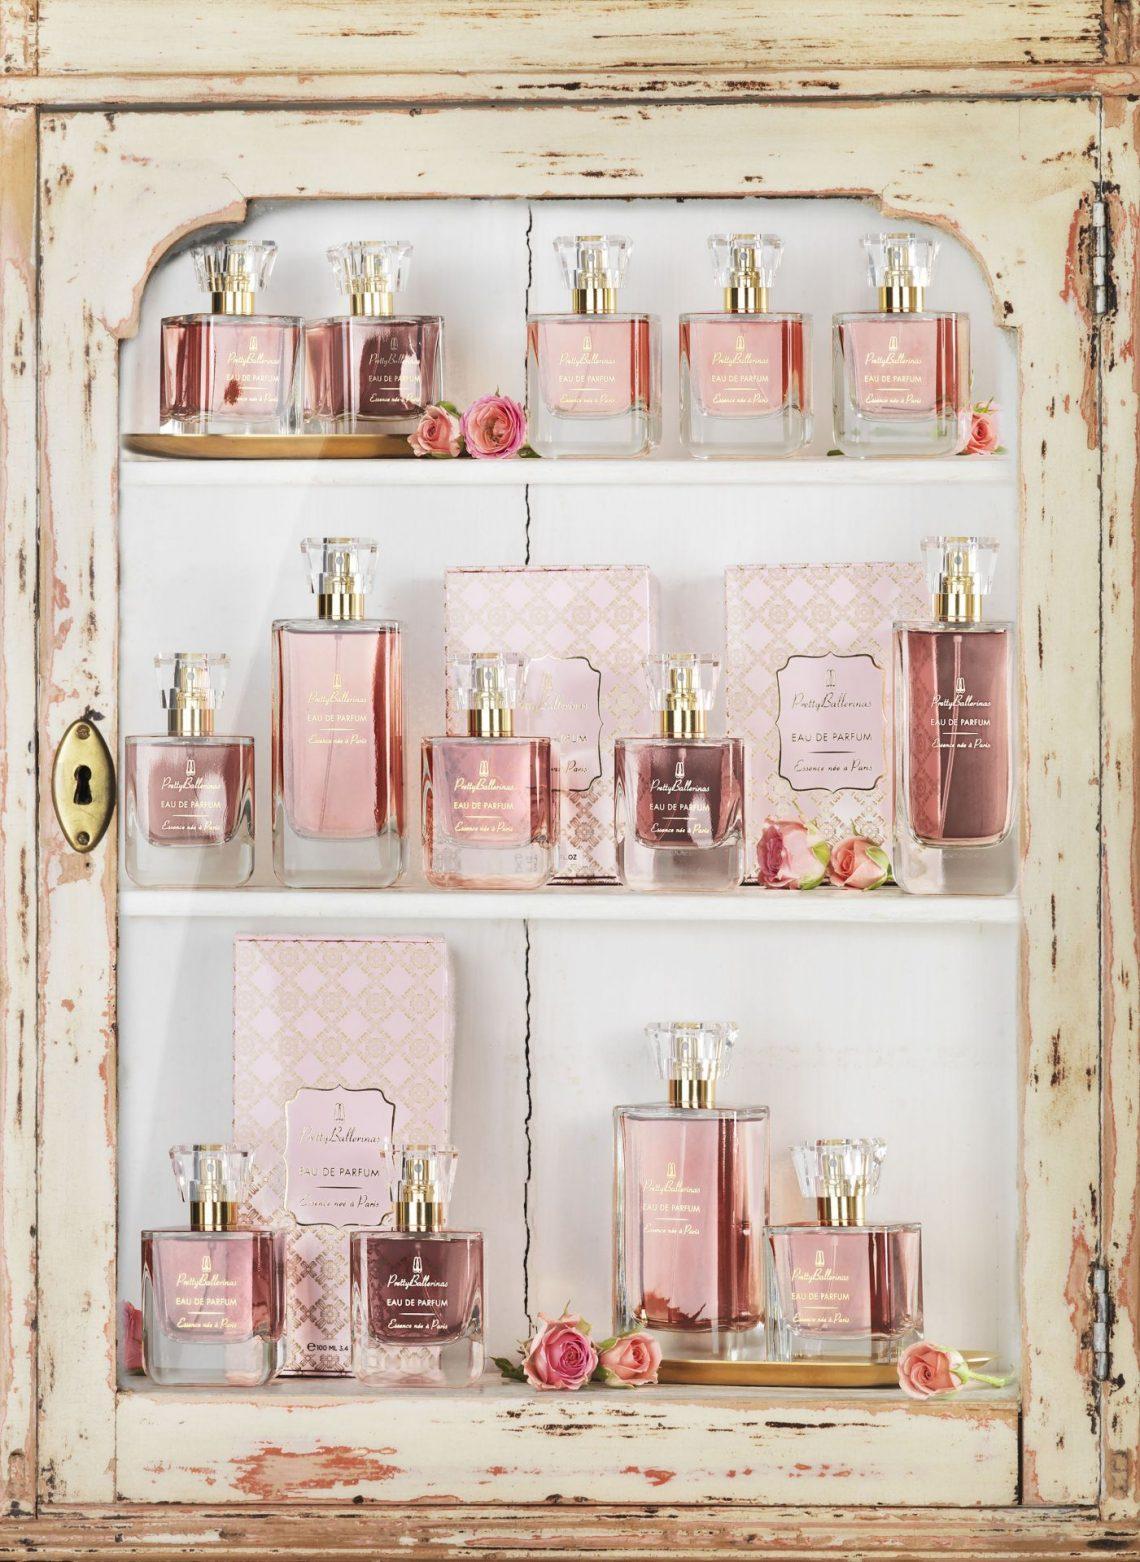 PrettyBallerinas presenta su 'Eau de parfum'